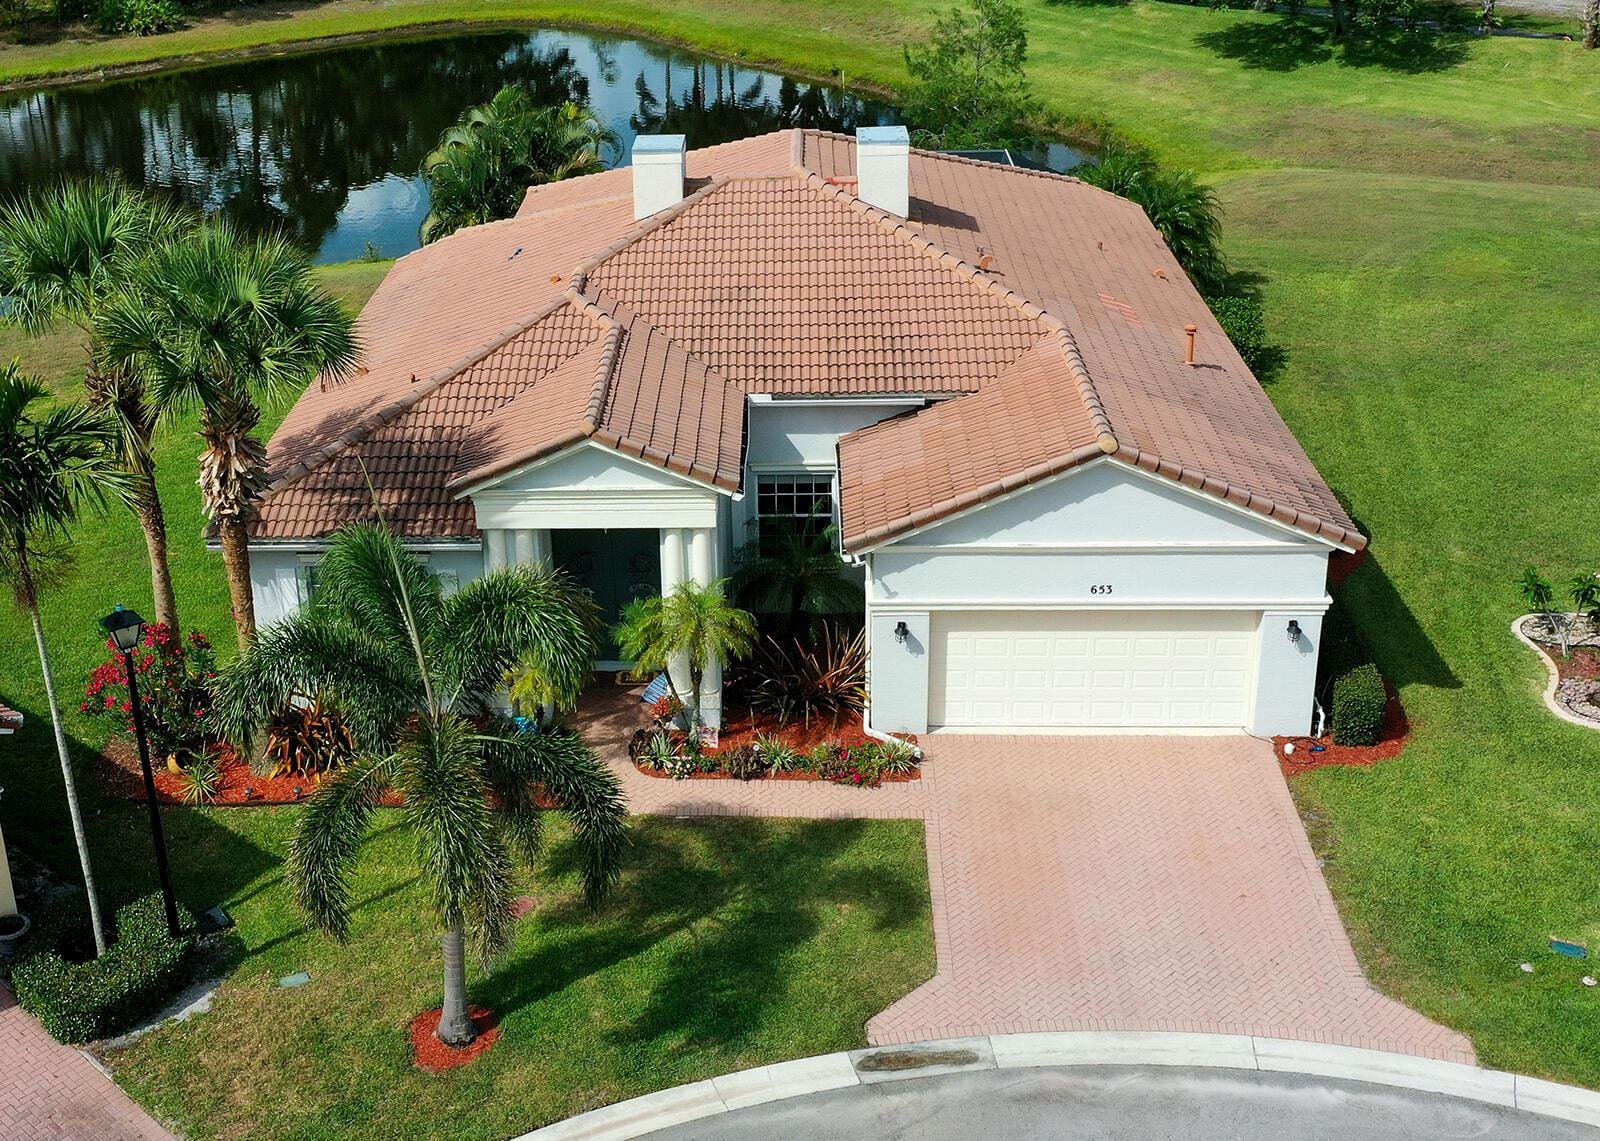 653 SW Long Key Court, Port Saint Lucie, FL 34986 - #: RX-10714273